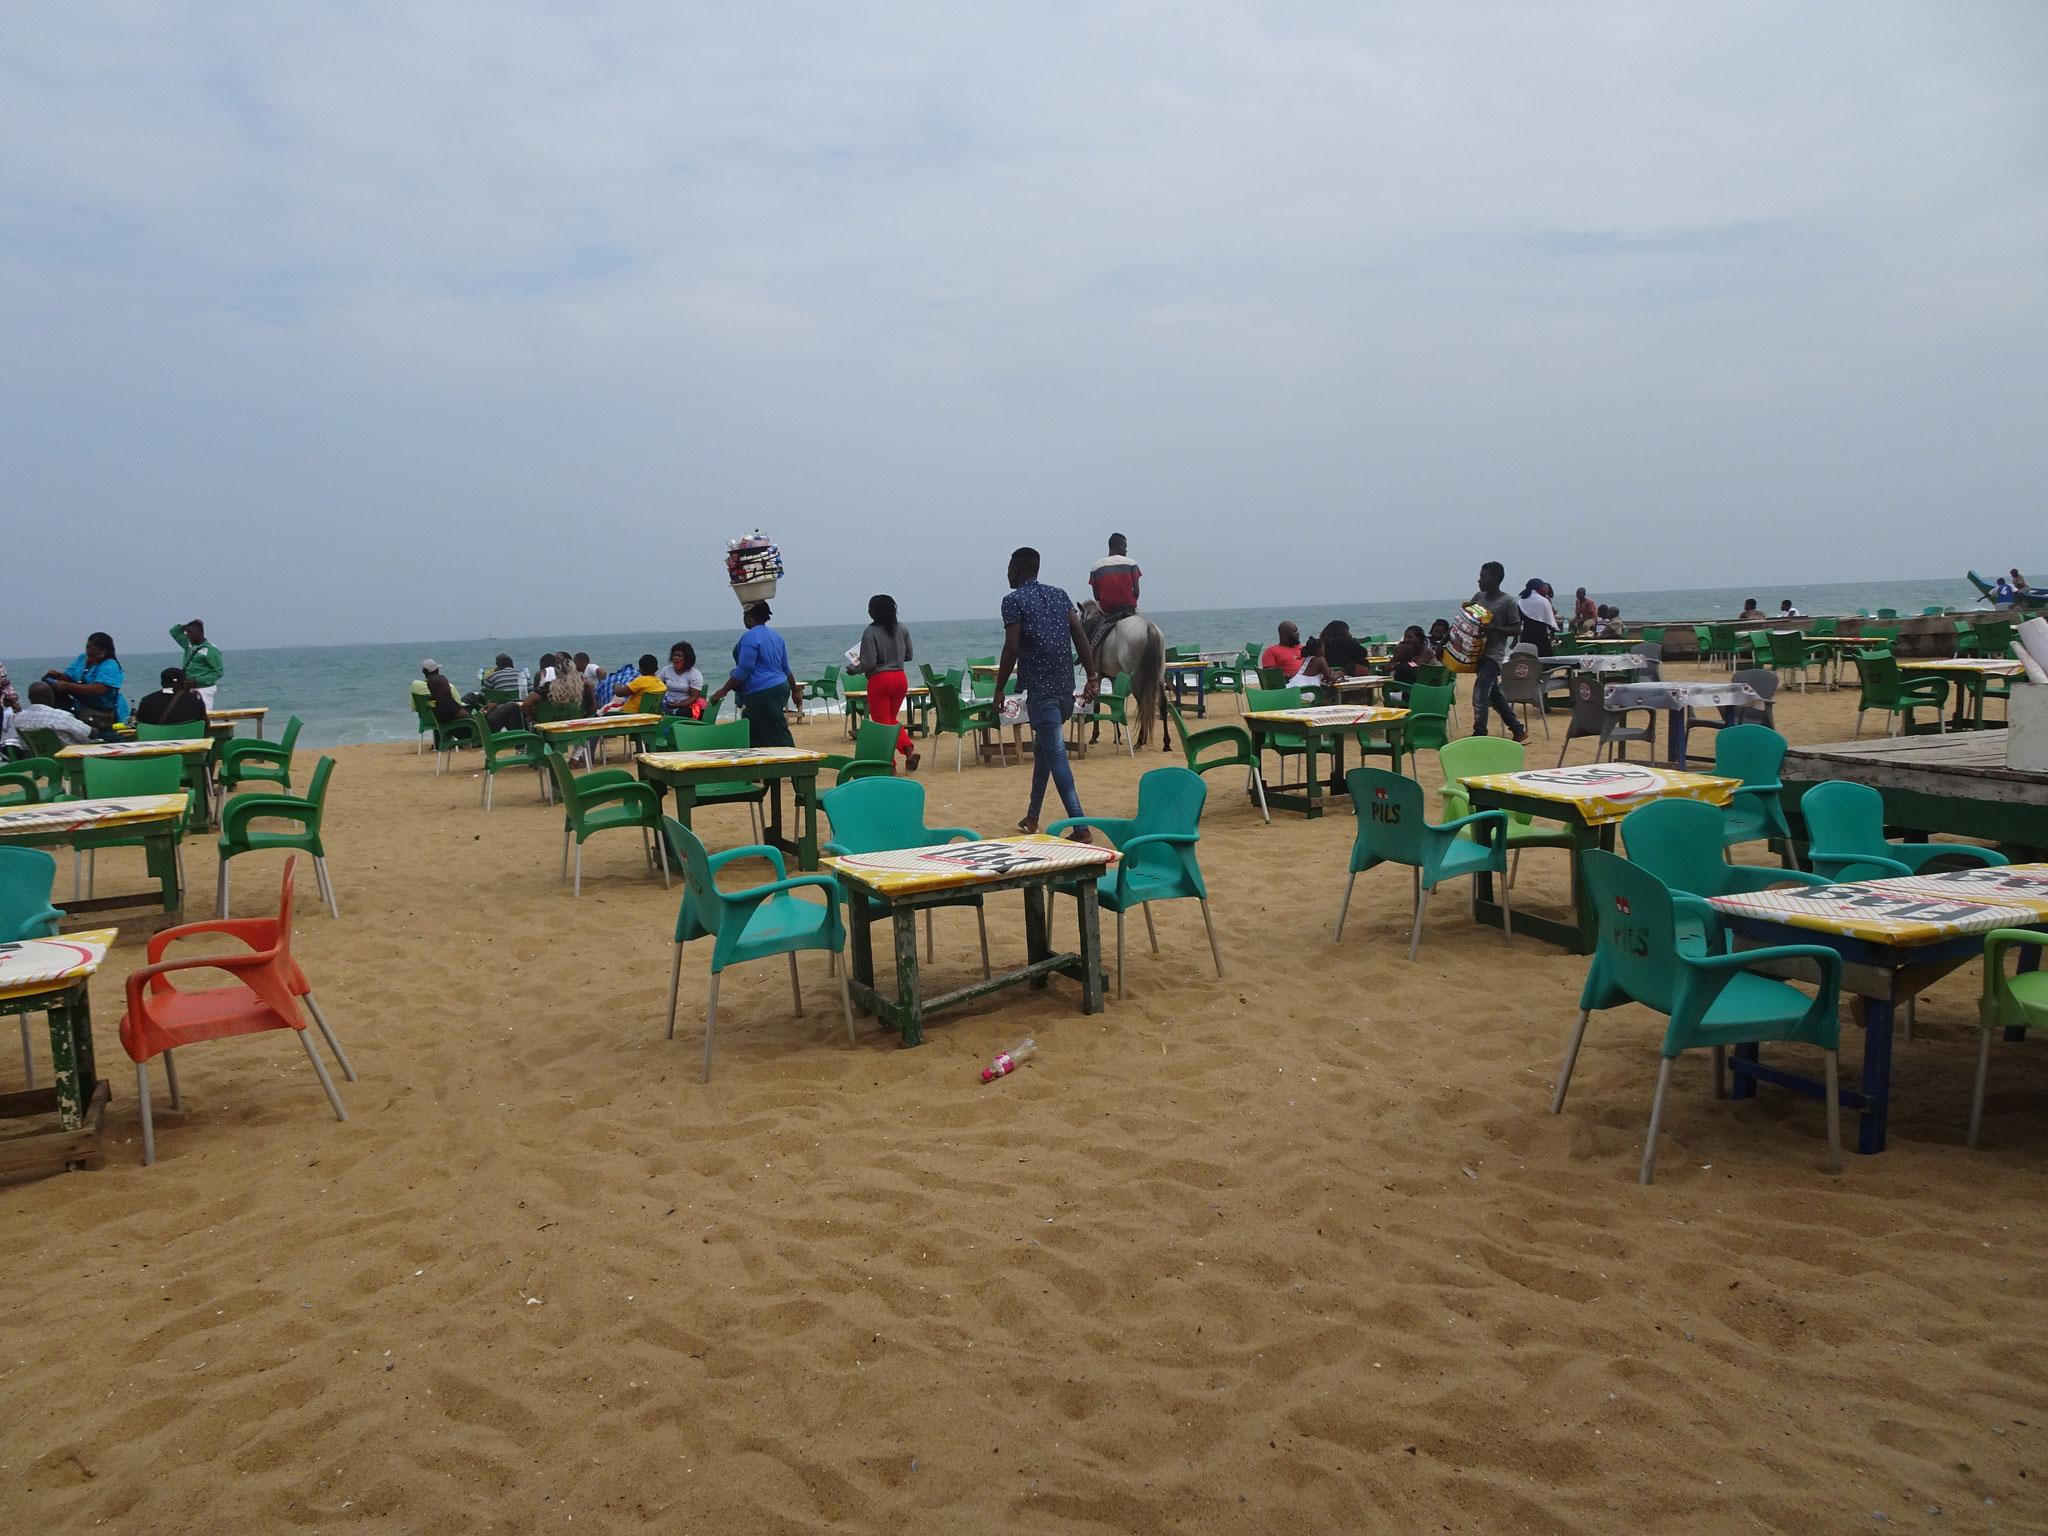 Zur Abwechslung  Sonntagsausflug zum fast leeren Ghana Beach.